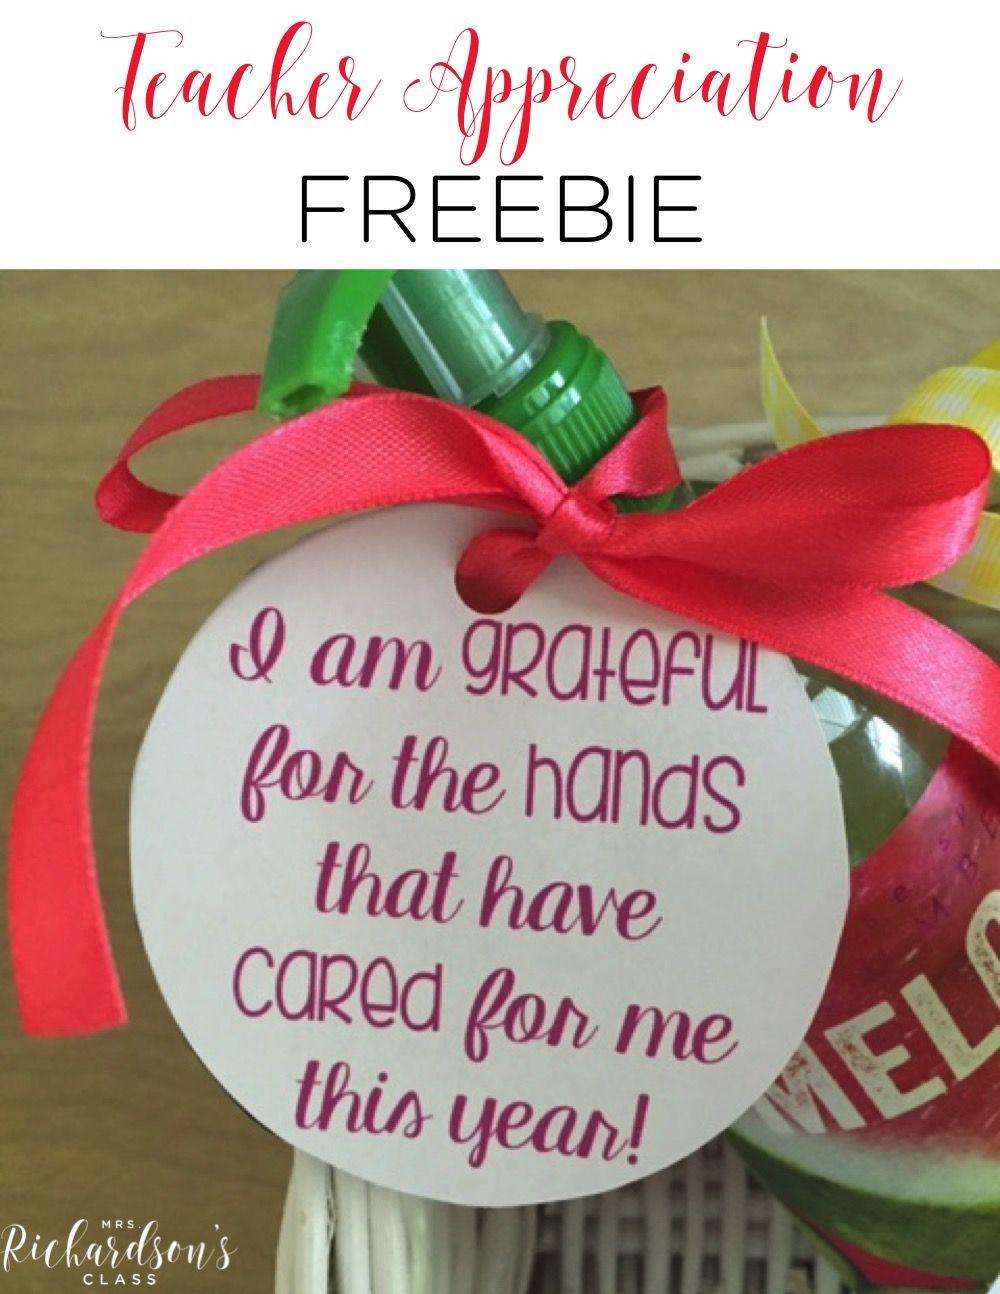 Teacher Appreciation Gift FREEBIE - Mrs. Richardson's Class #thanksgivinggiftsforteachers